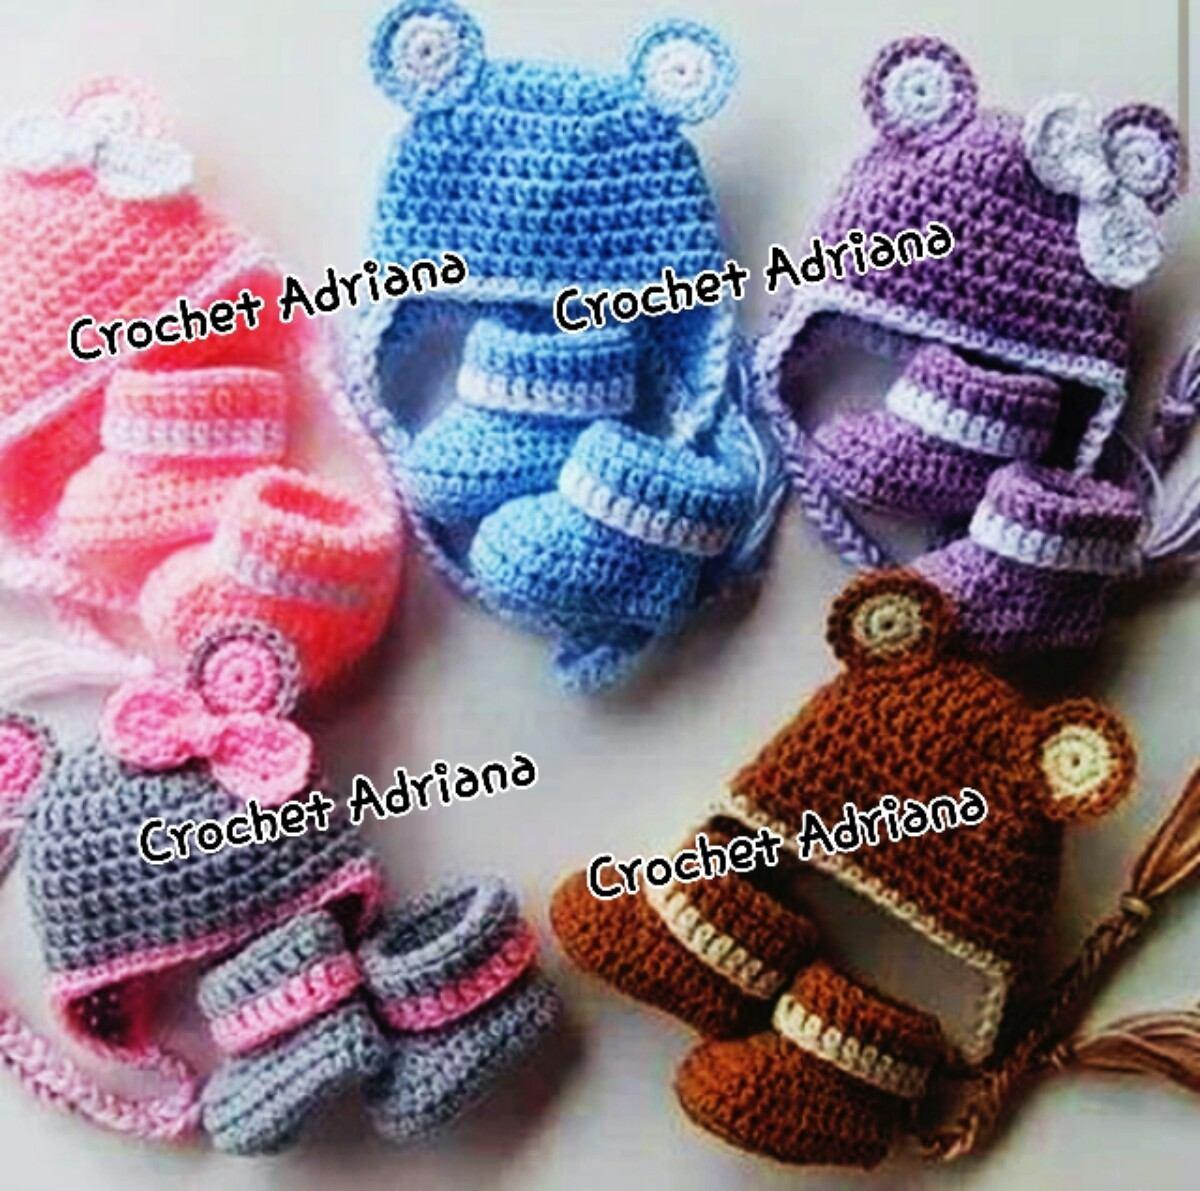 gorro-y-botitas-tejidos-bebes-crochet-D_NQ_NP_23142-MLM20241915811_022015-F